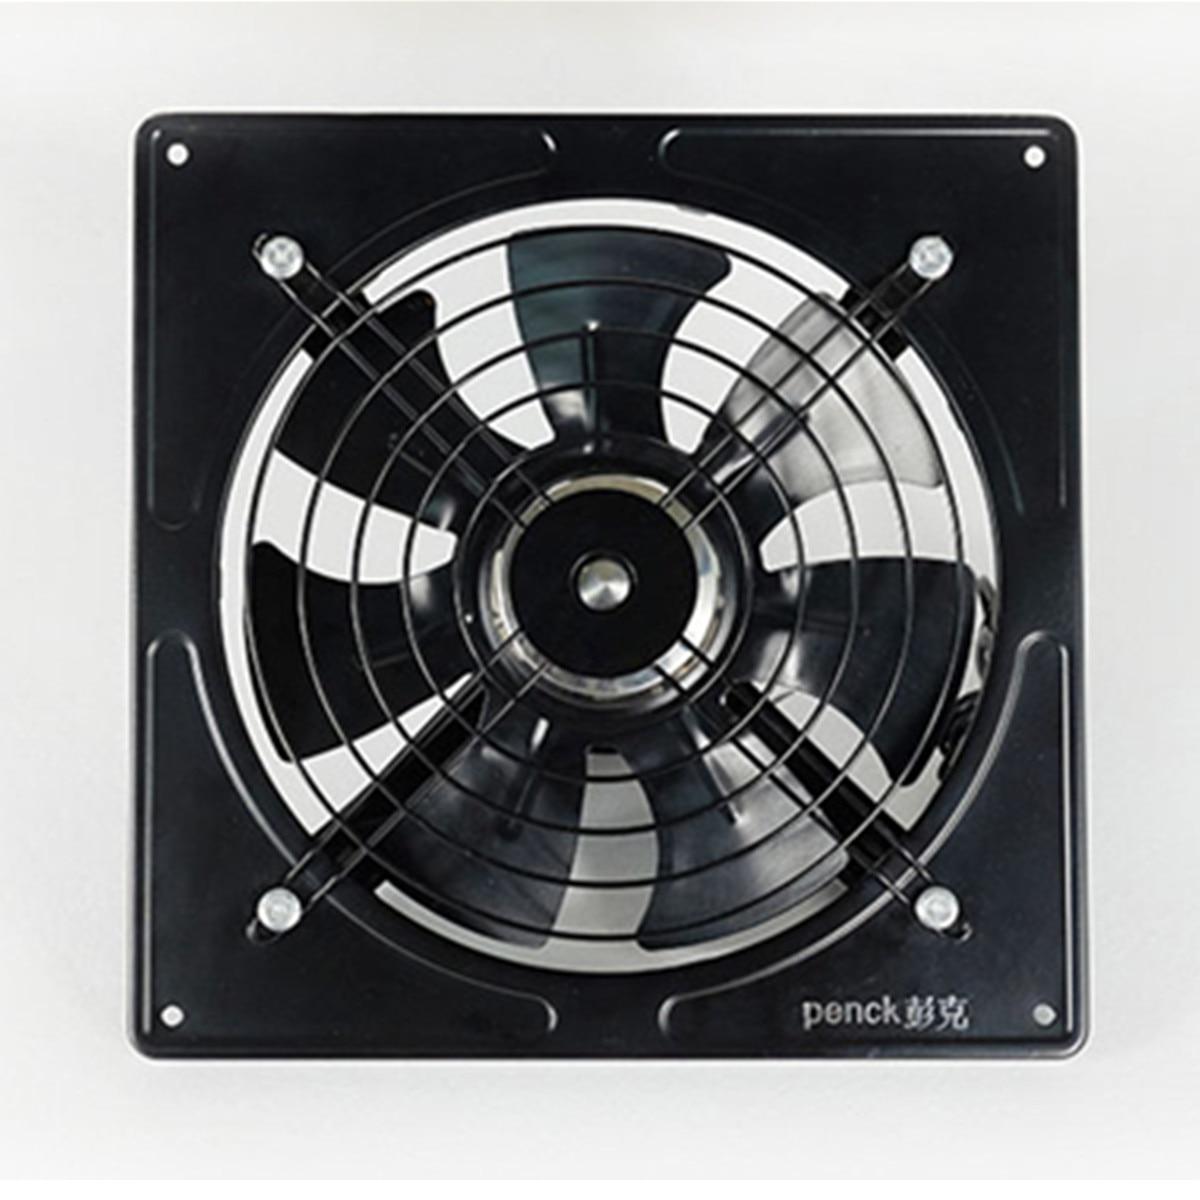 Kitchen Ventilator Axial Industrial Wall Fan 220V 10 inch Metal Exhaust Fan High Speed Air Extractor Window Ventilation Fan